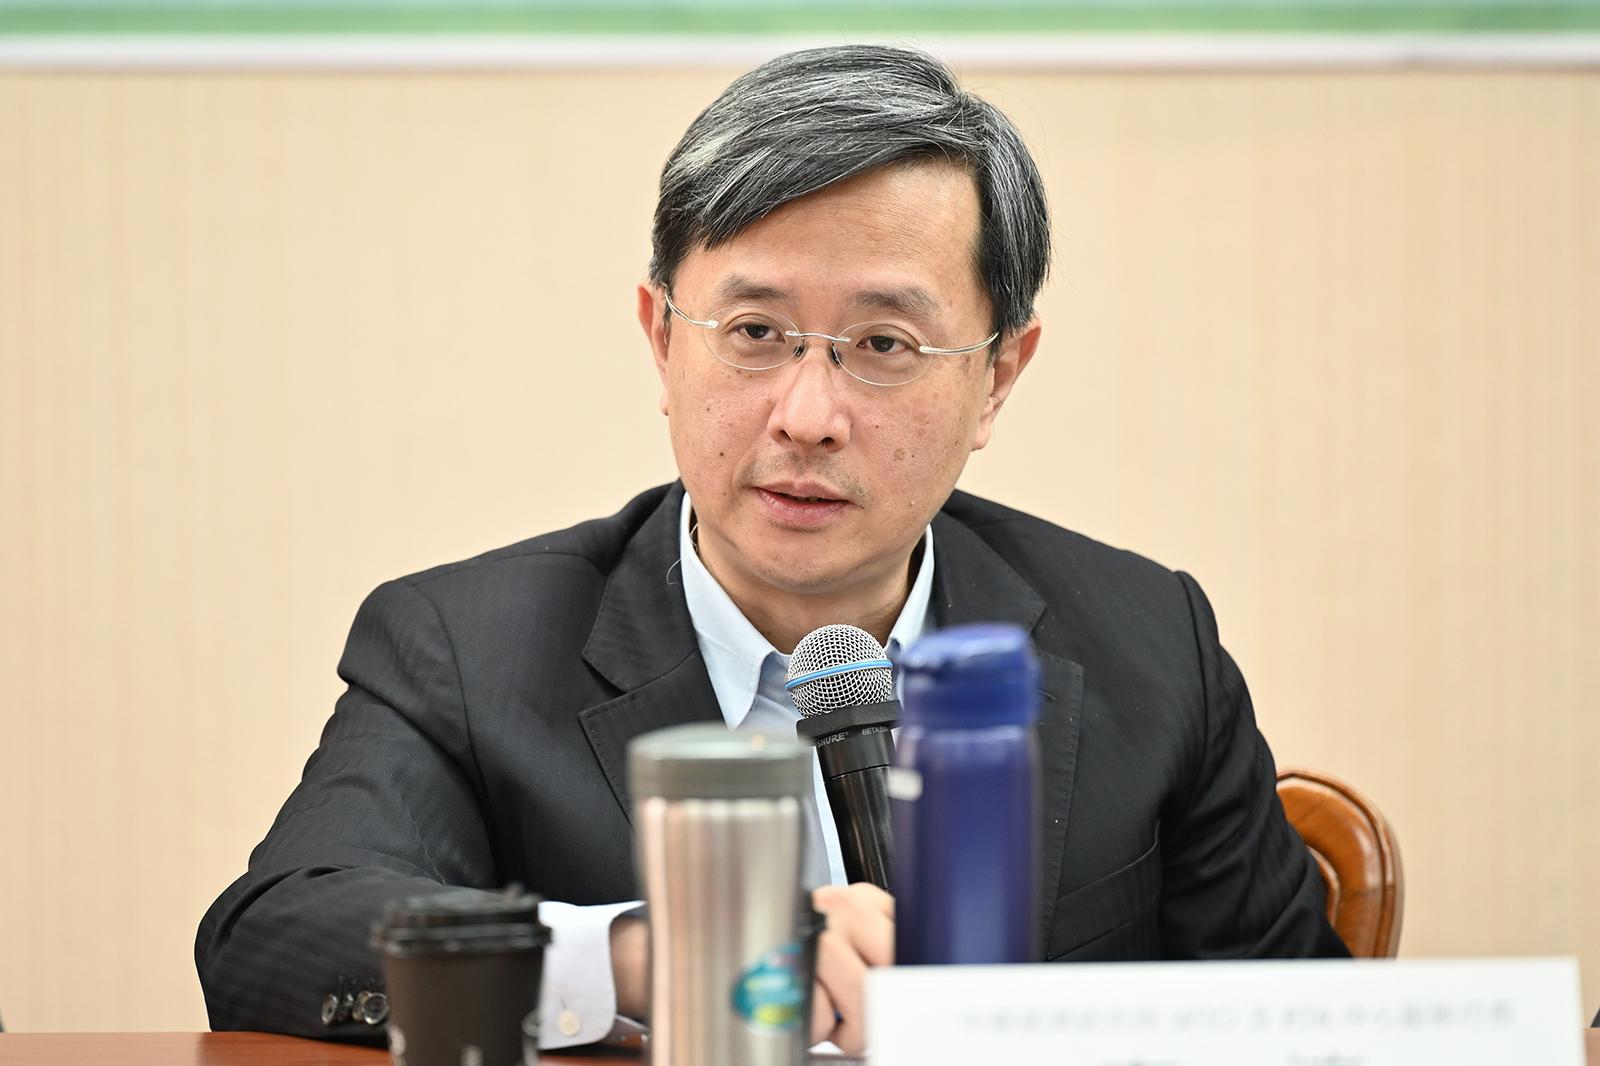 2021年9月20日,中華經濟研究院WTO及RTA中心副執行長李淳:透過WTO解決這次爭端耗時,應循兩岸食安機制溝通。(鍾廣政 攝)